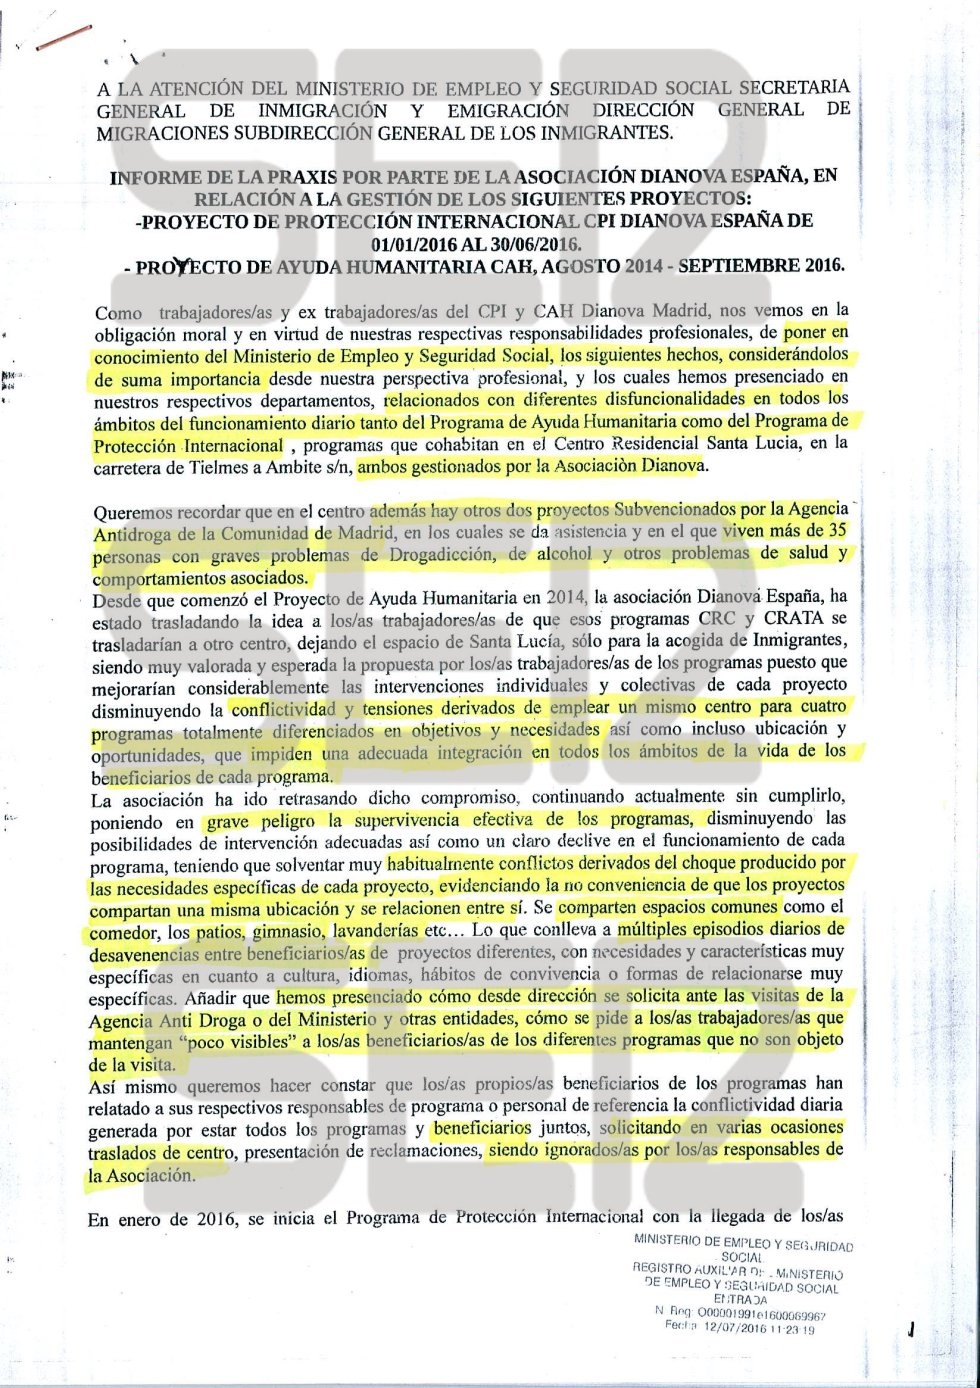 Informe enviado por los empleados de Dianova al Ministerio de Empleo